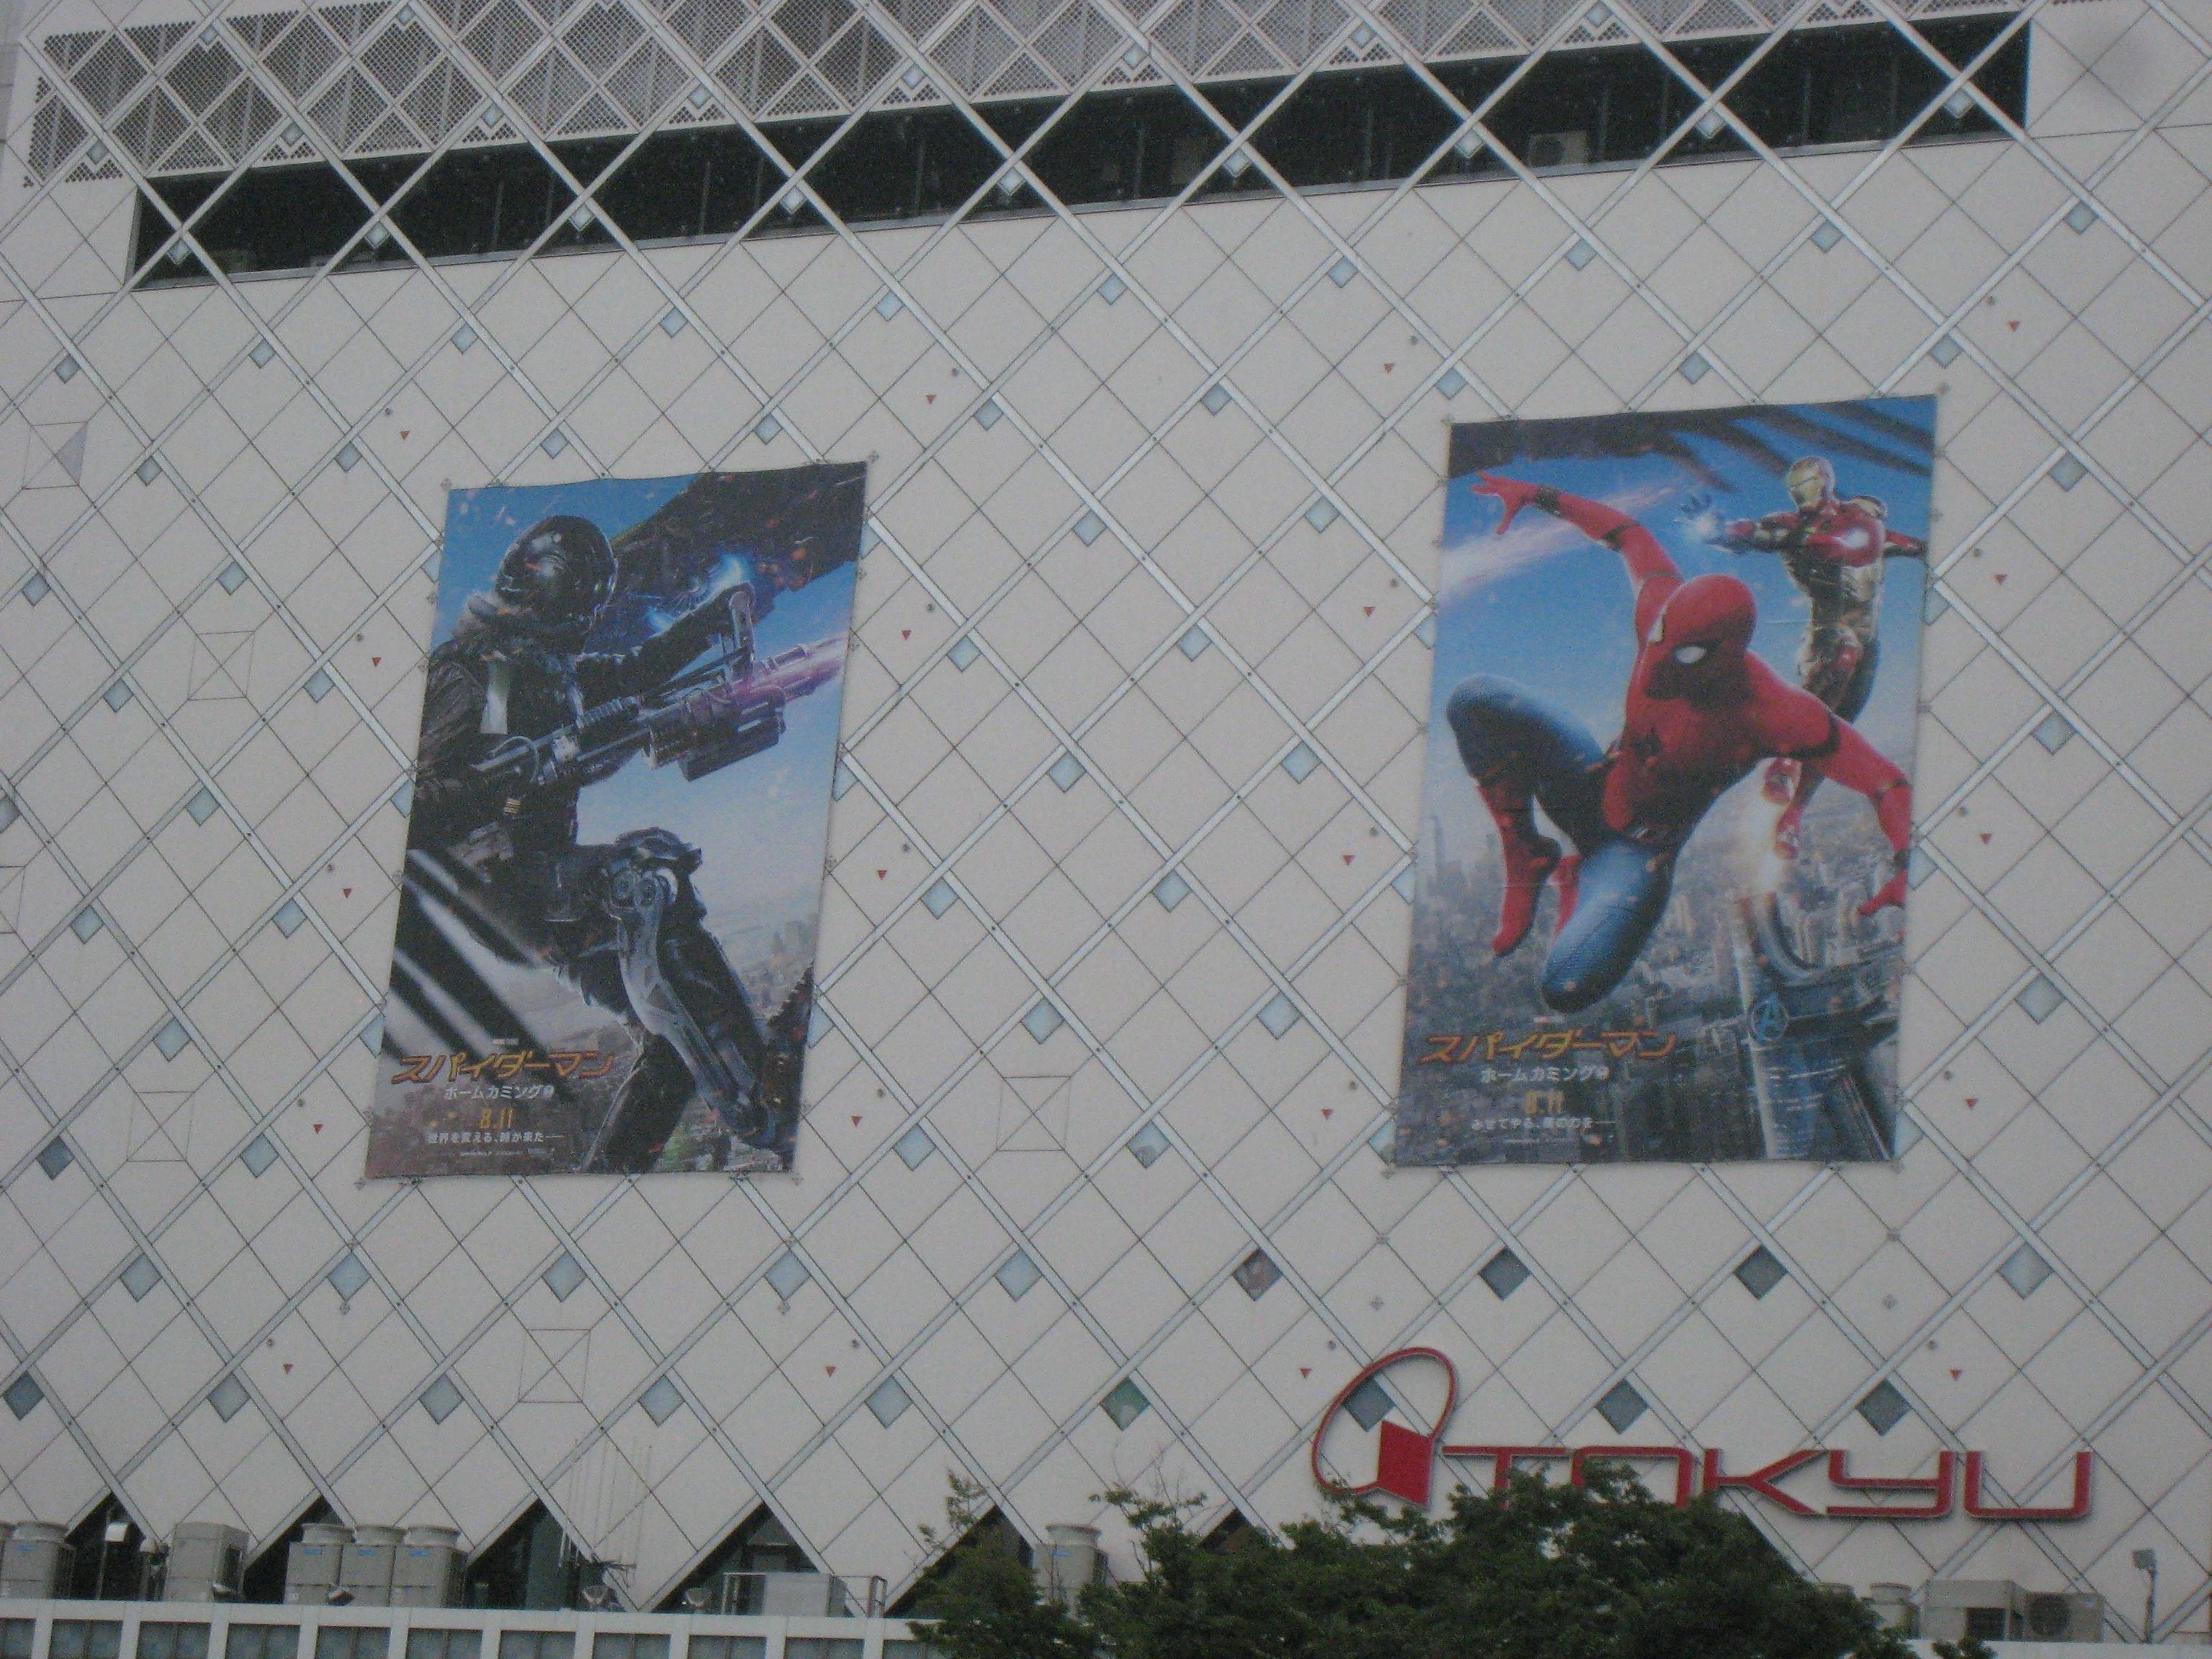 東急百貨店ビッグシート ハチ公サイド(映画スパイダーマンホームカミング).jpg